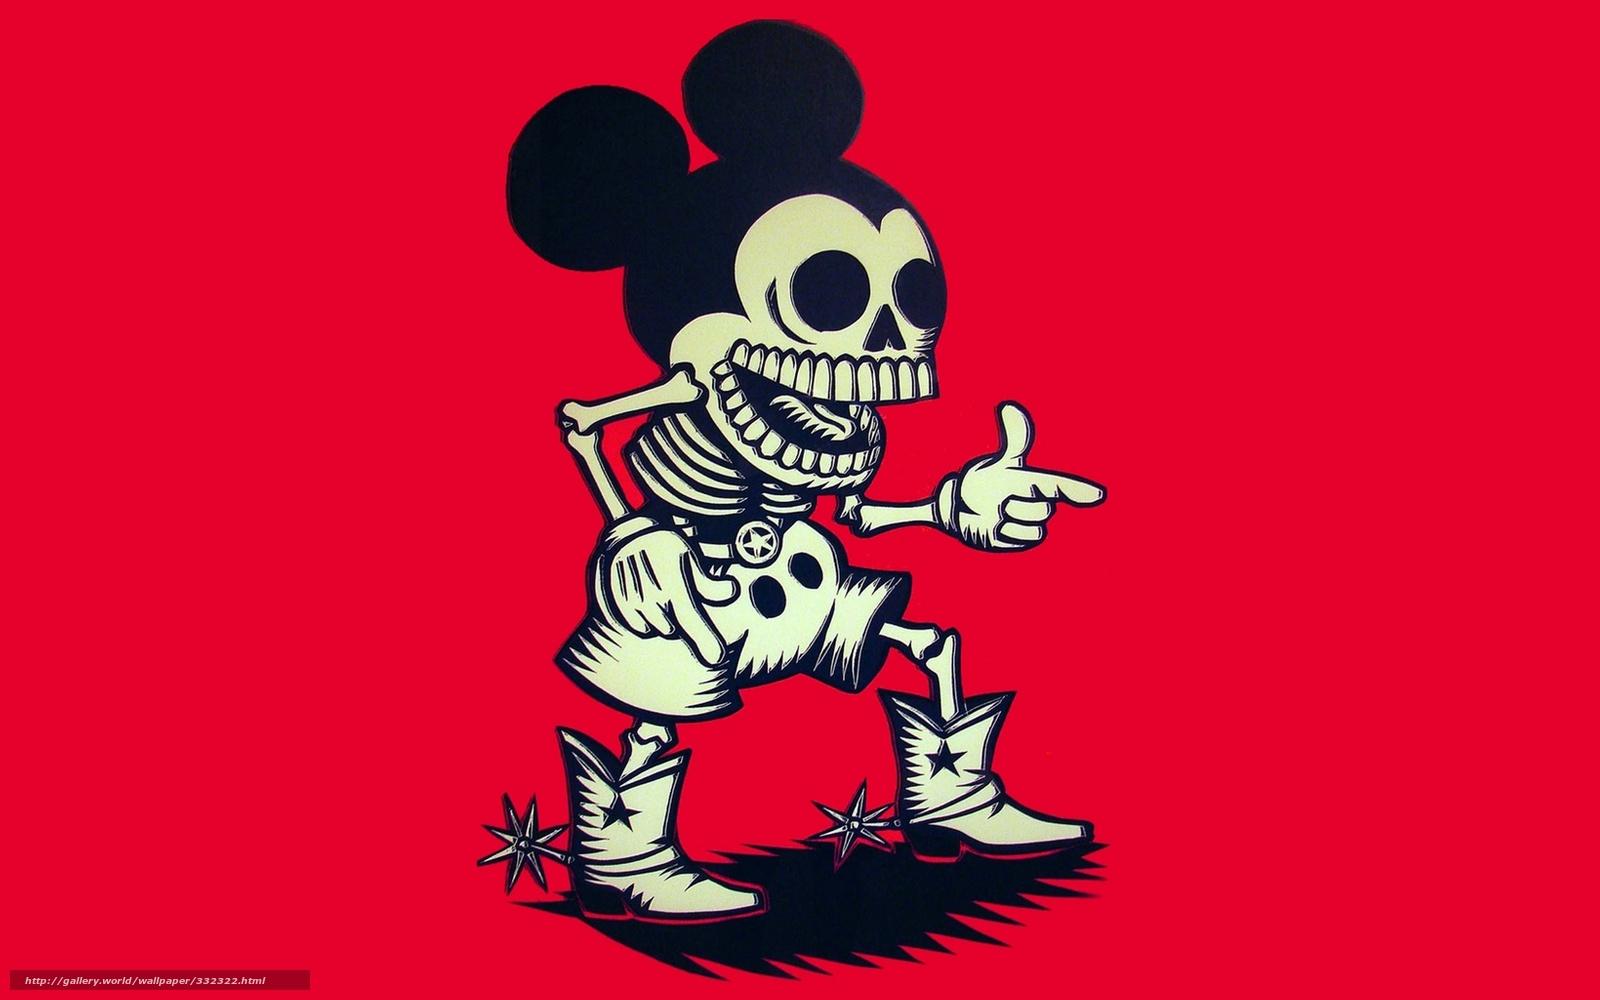 Download Hintergrund Mickey Mouse, Skelett, Cowboy Freie ...